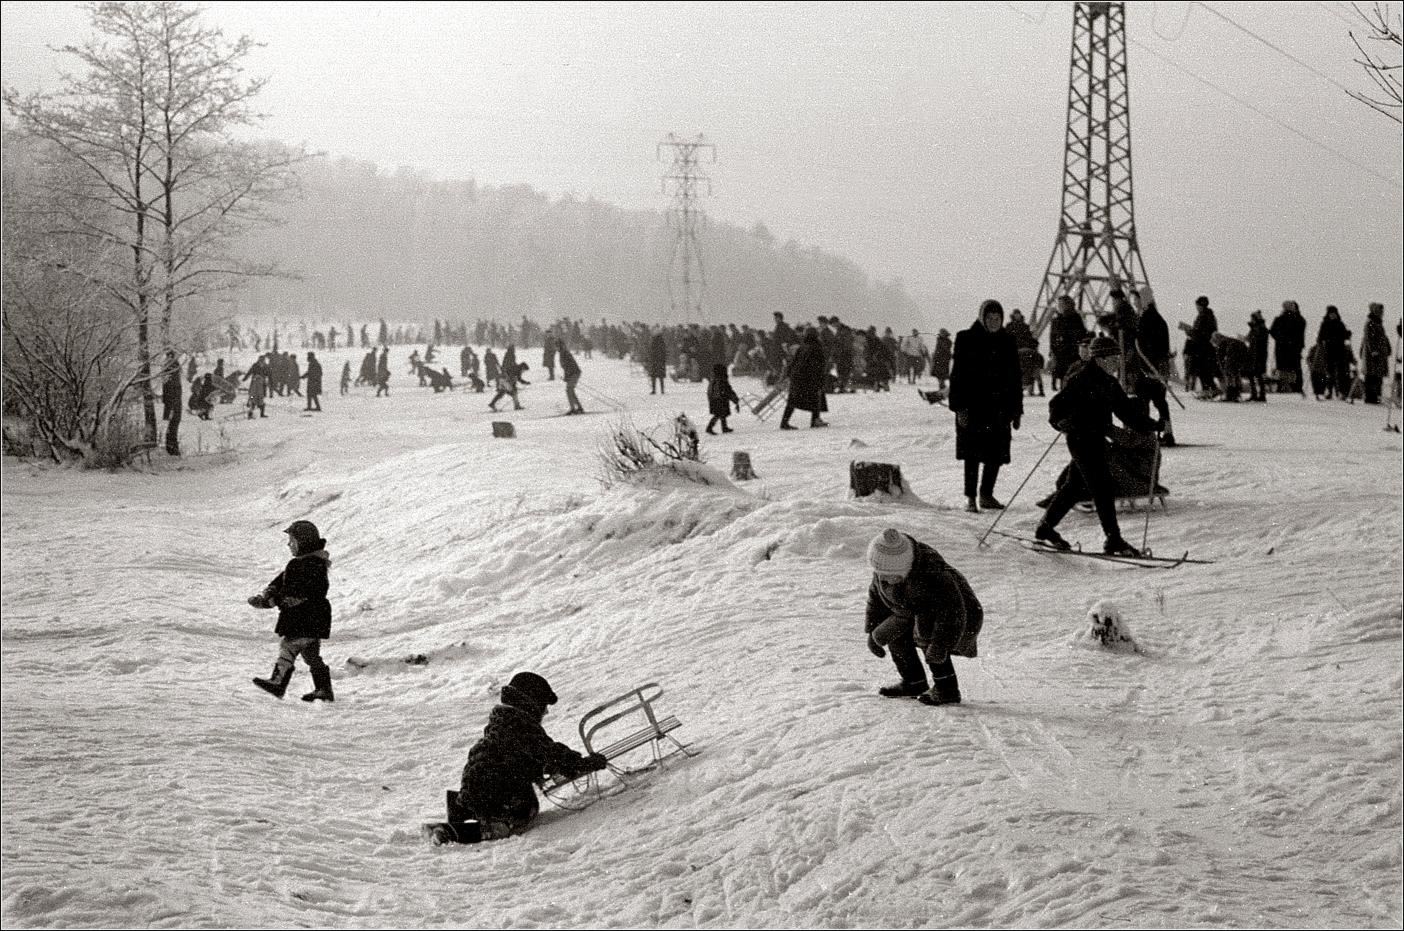 114. 1967. Измайловский парк, 06 декабря